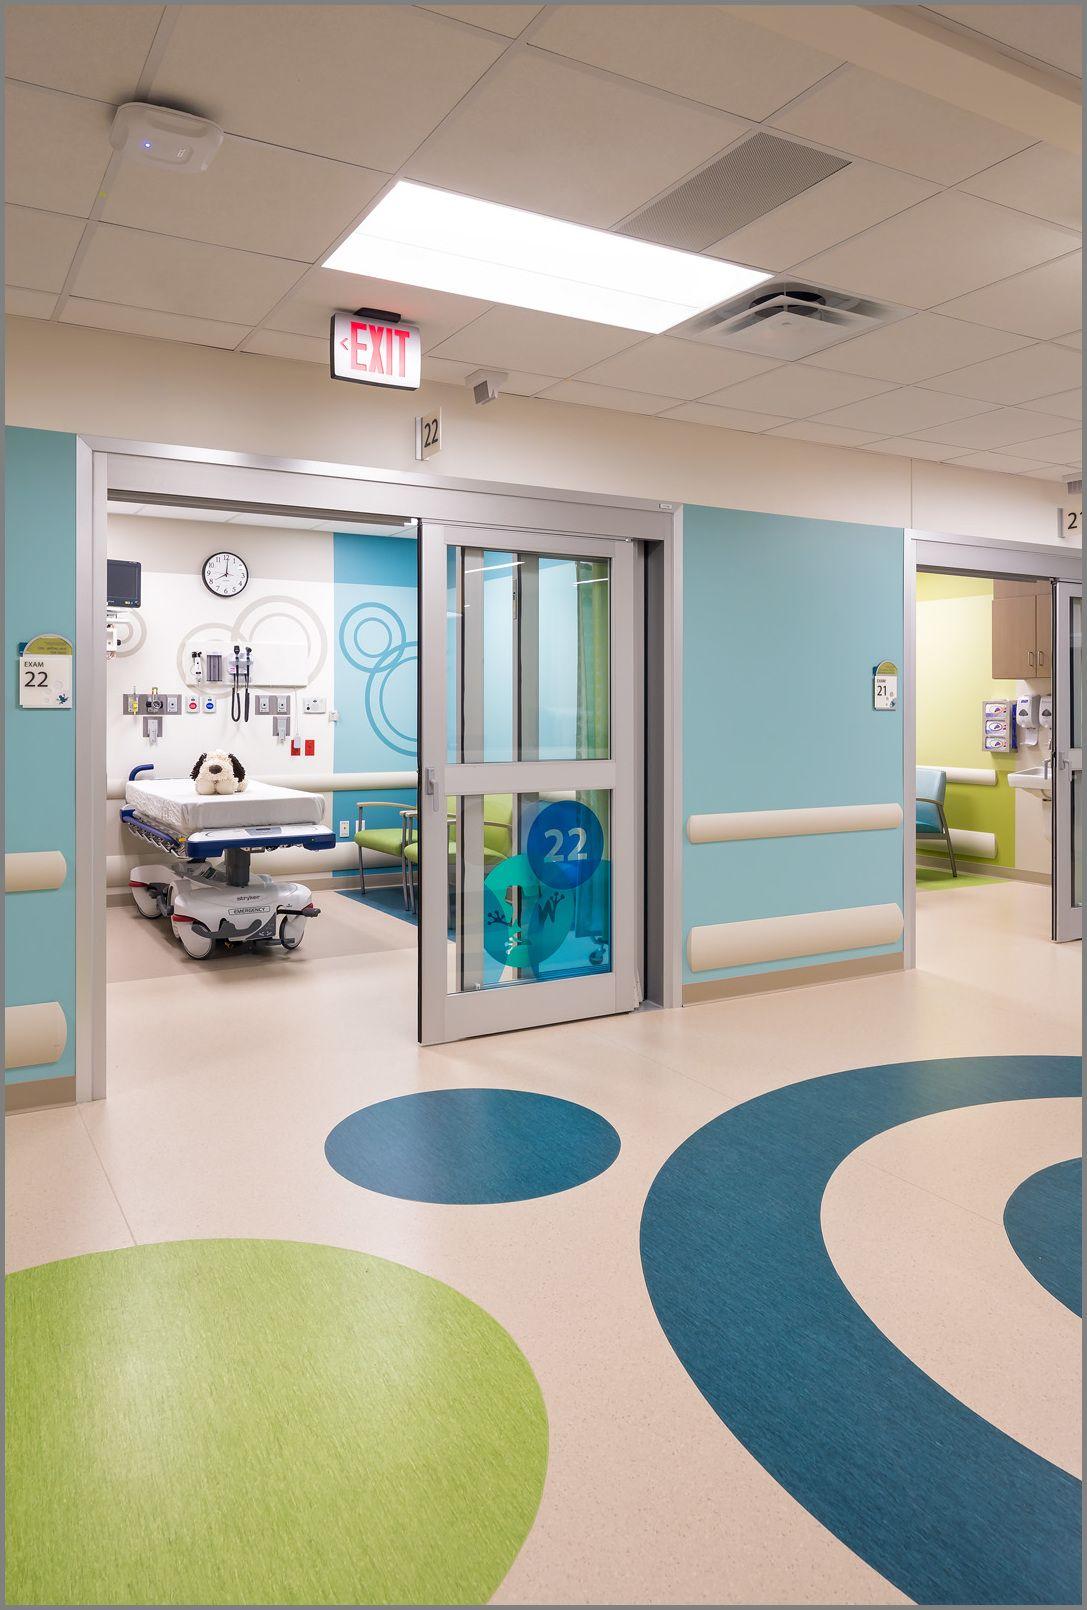 Image result for hospital near me Детская больница